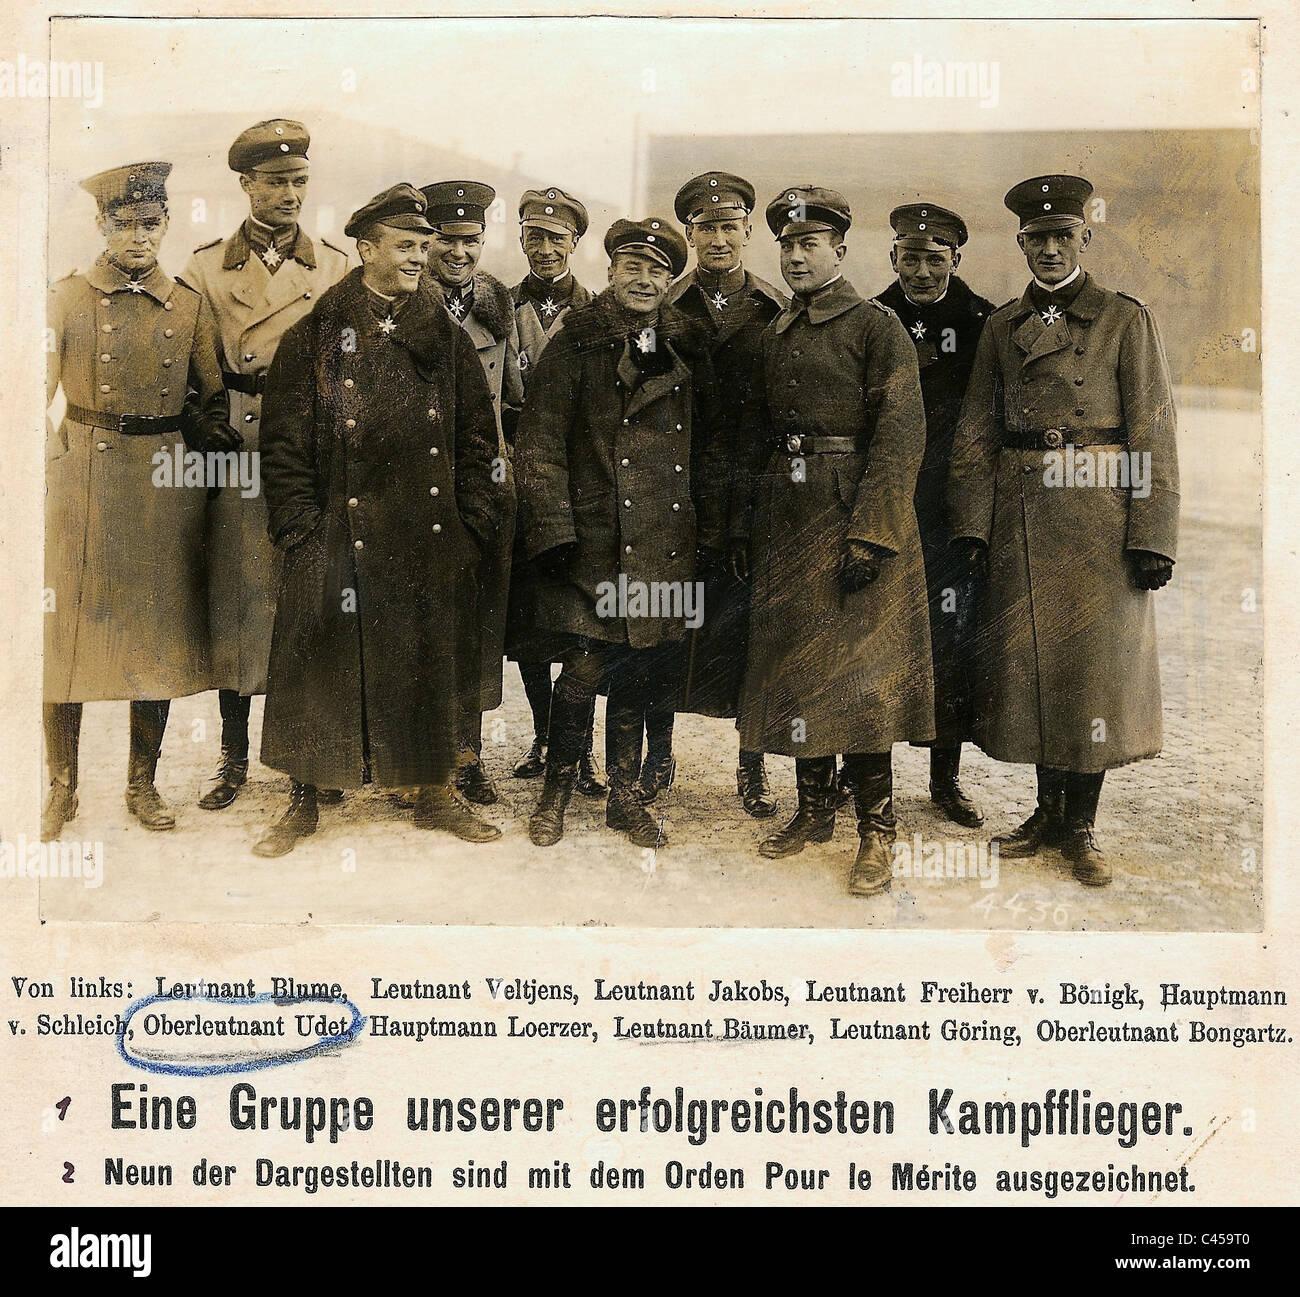 Ernst Udet avec ses camarades dans la Première Guerre mondiale Photo Stock